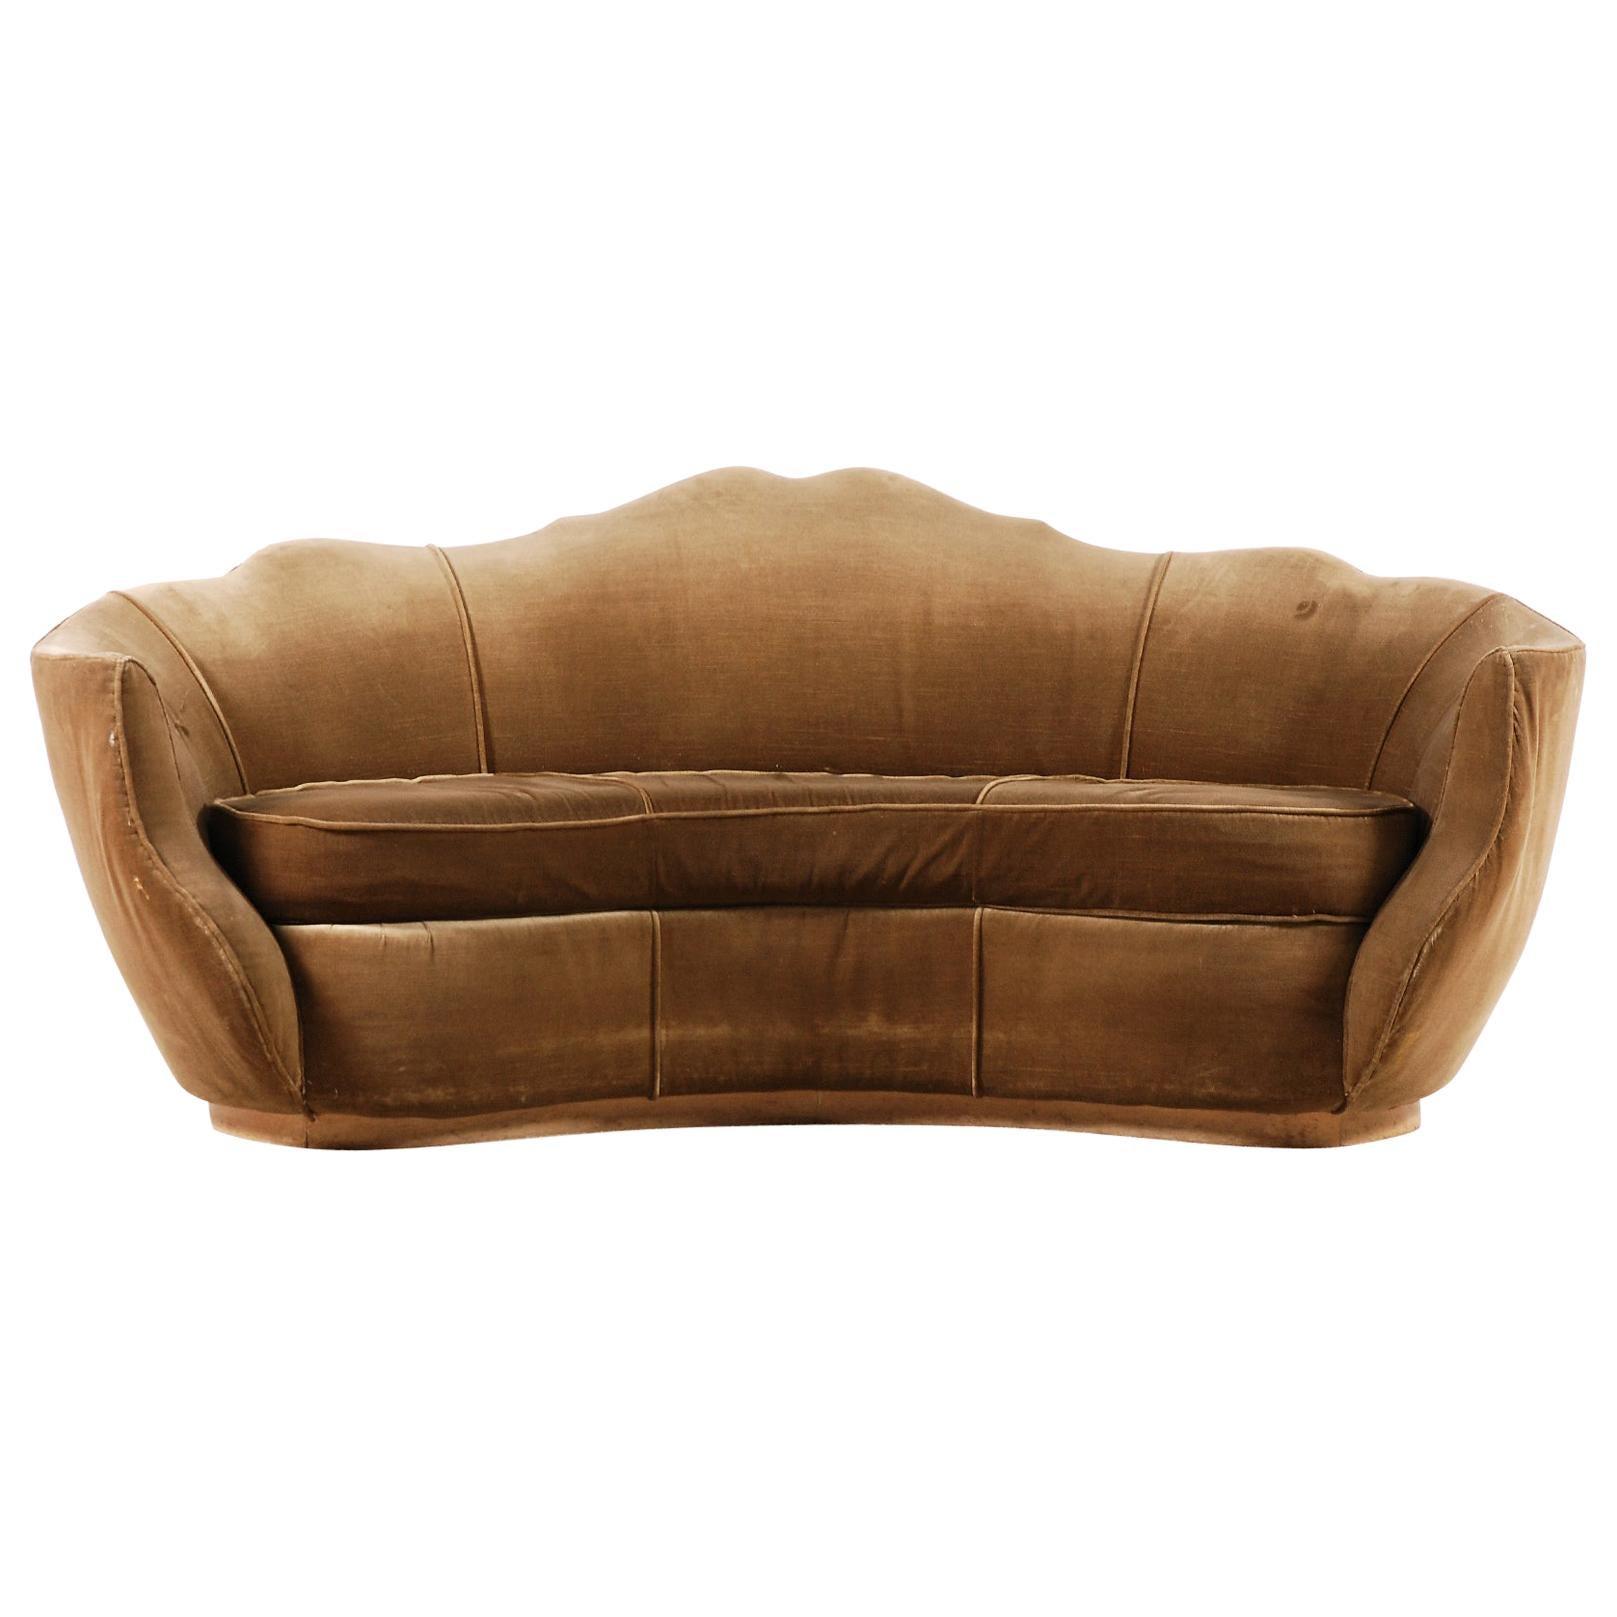 Very Elegant French Art Deco Sofa with Original Velvet Upholstery, 1930s